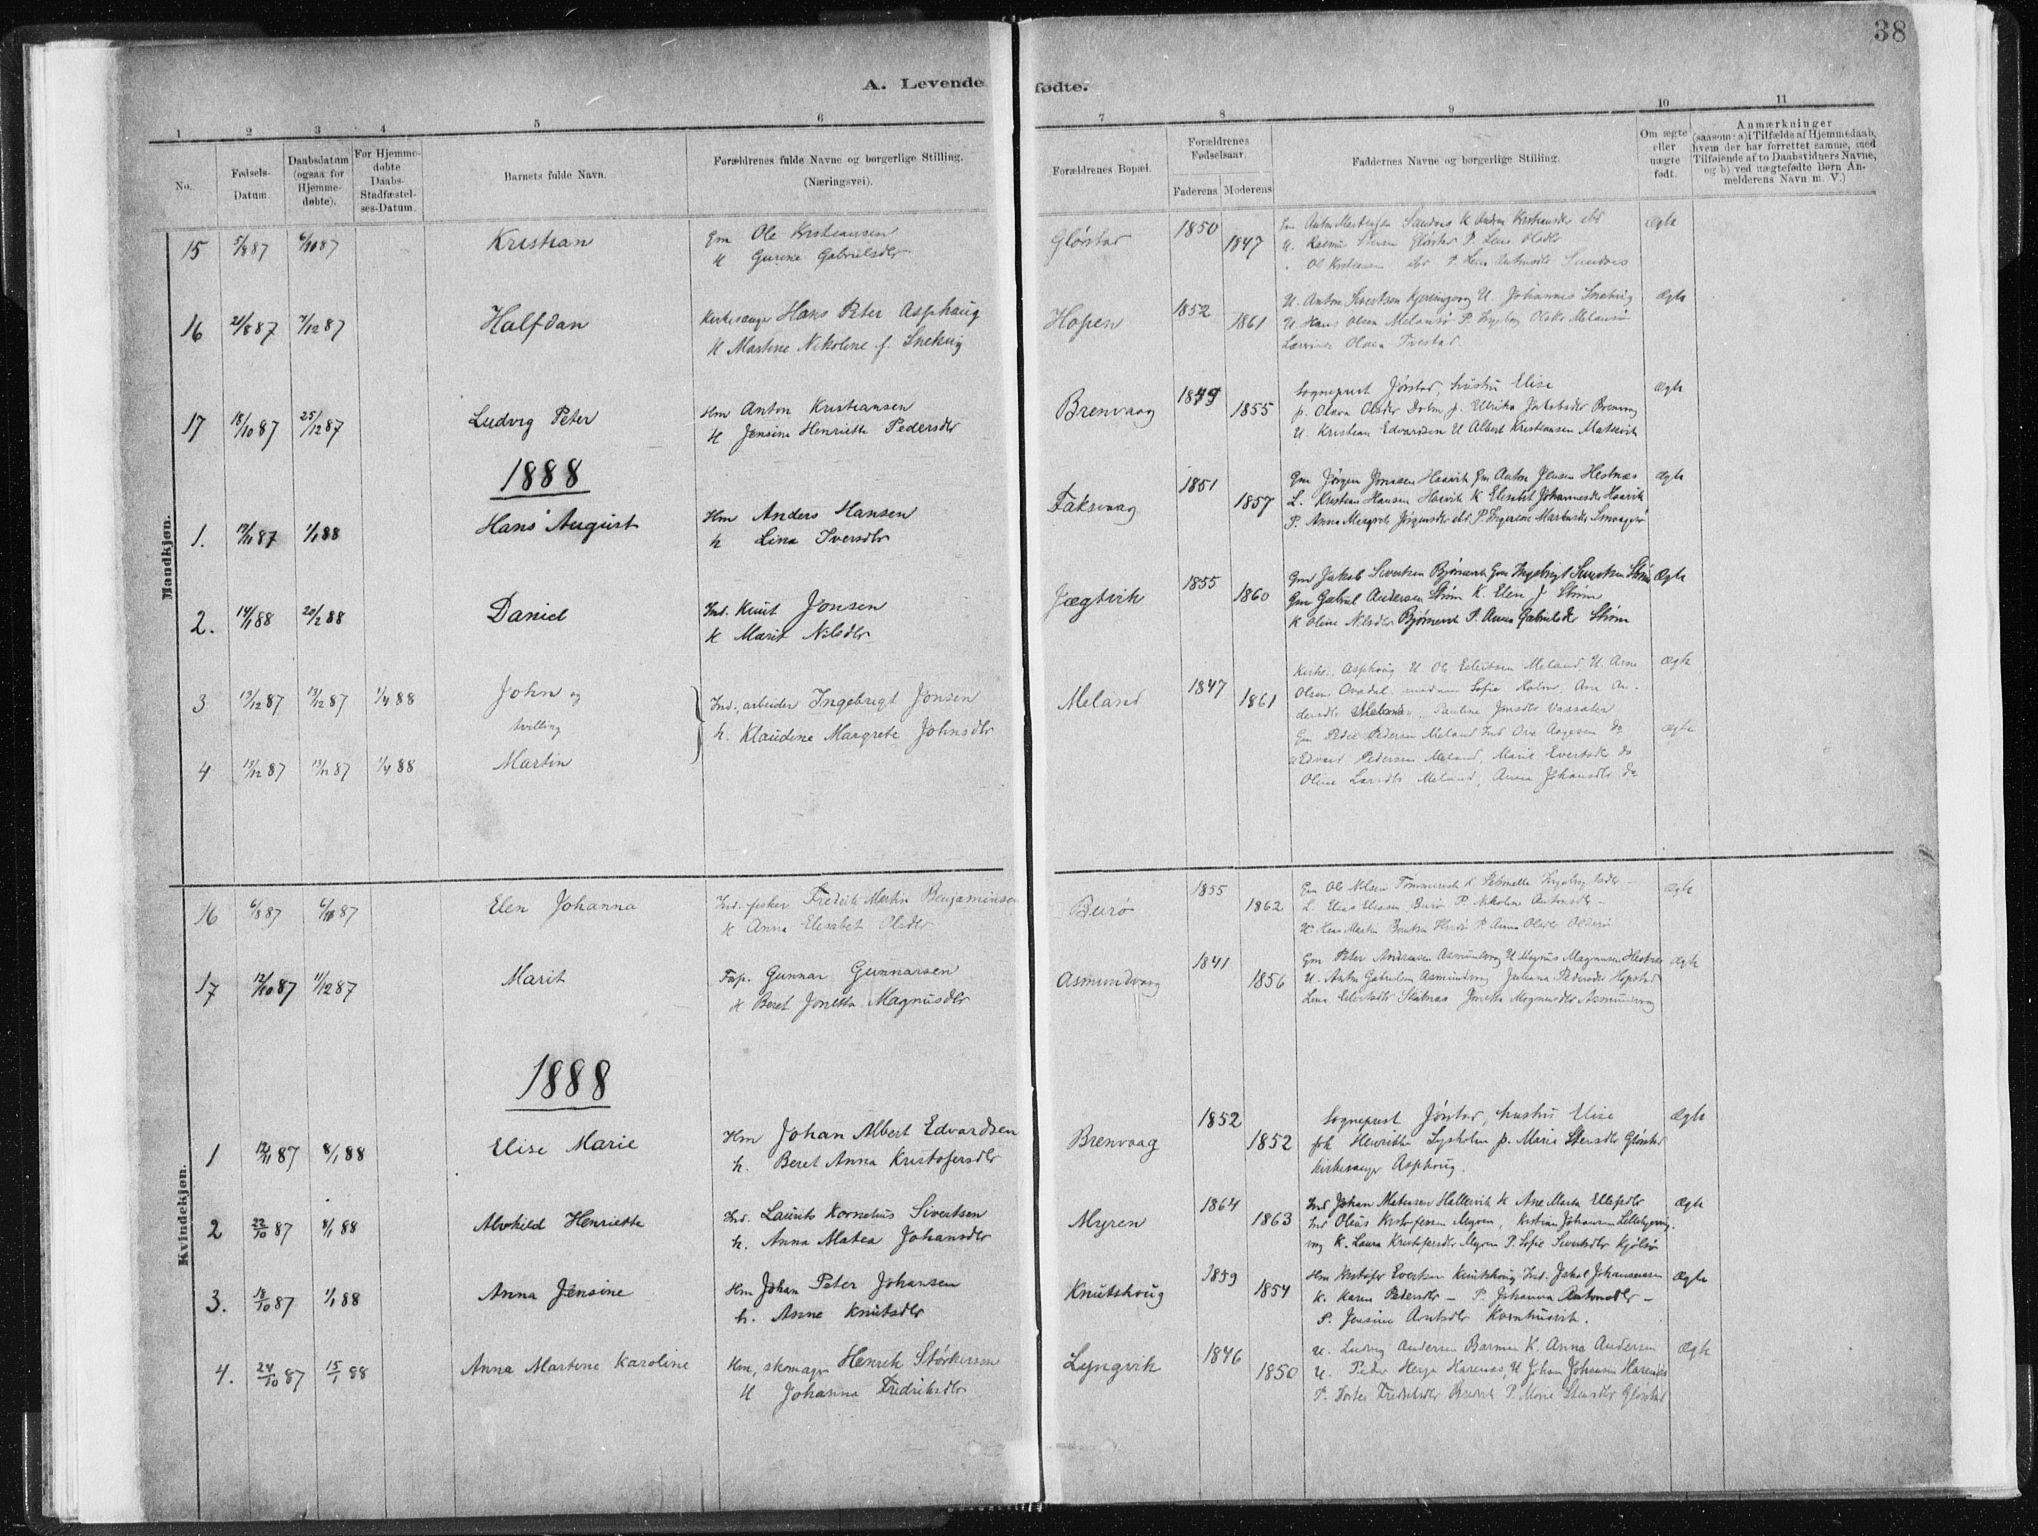 SAT, Ministerialprotokoller, klokkerbøker og fødselsregistre - Sør-Trøndelag, 634/L0533: Ministerialbok nr. 634A09, 1882-1901, s. 38